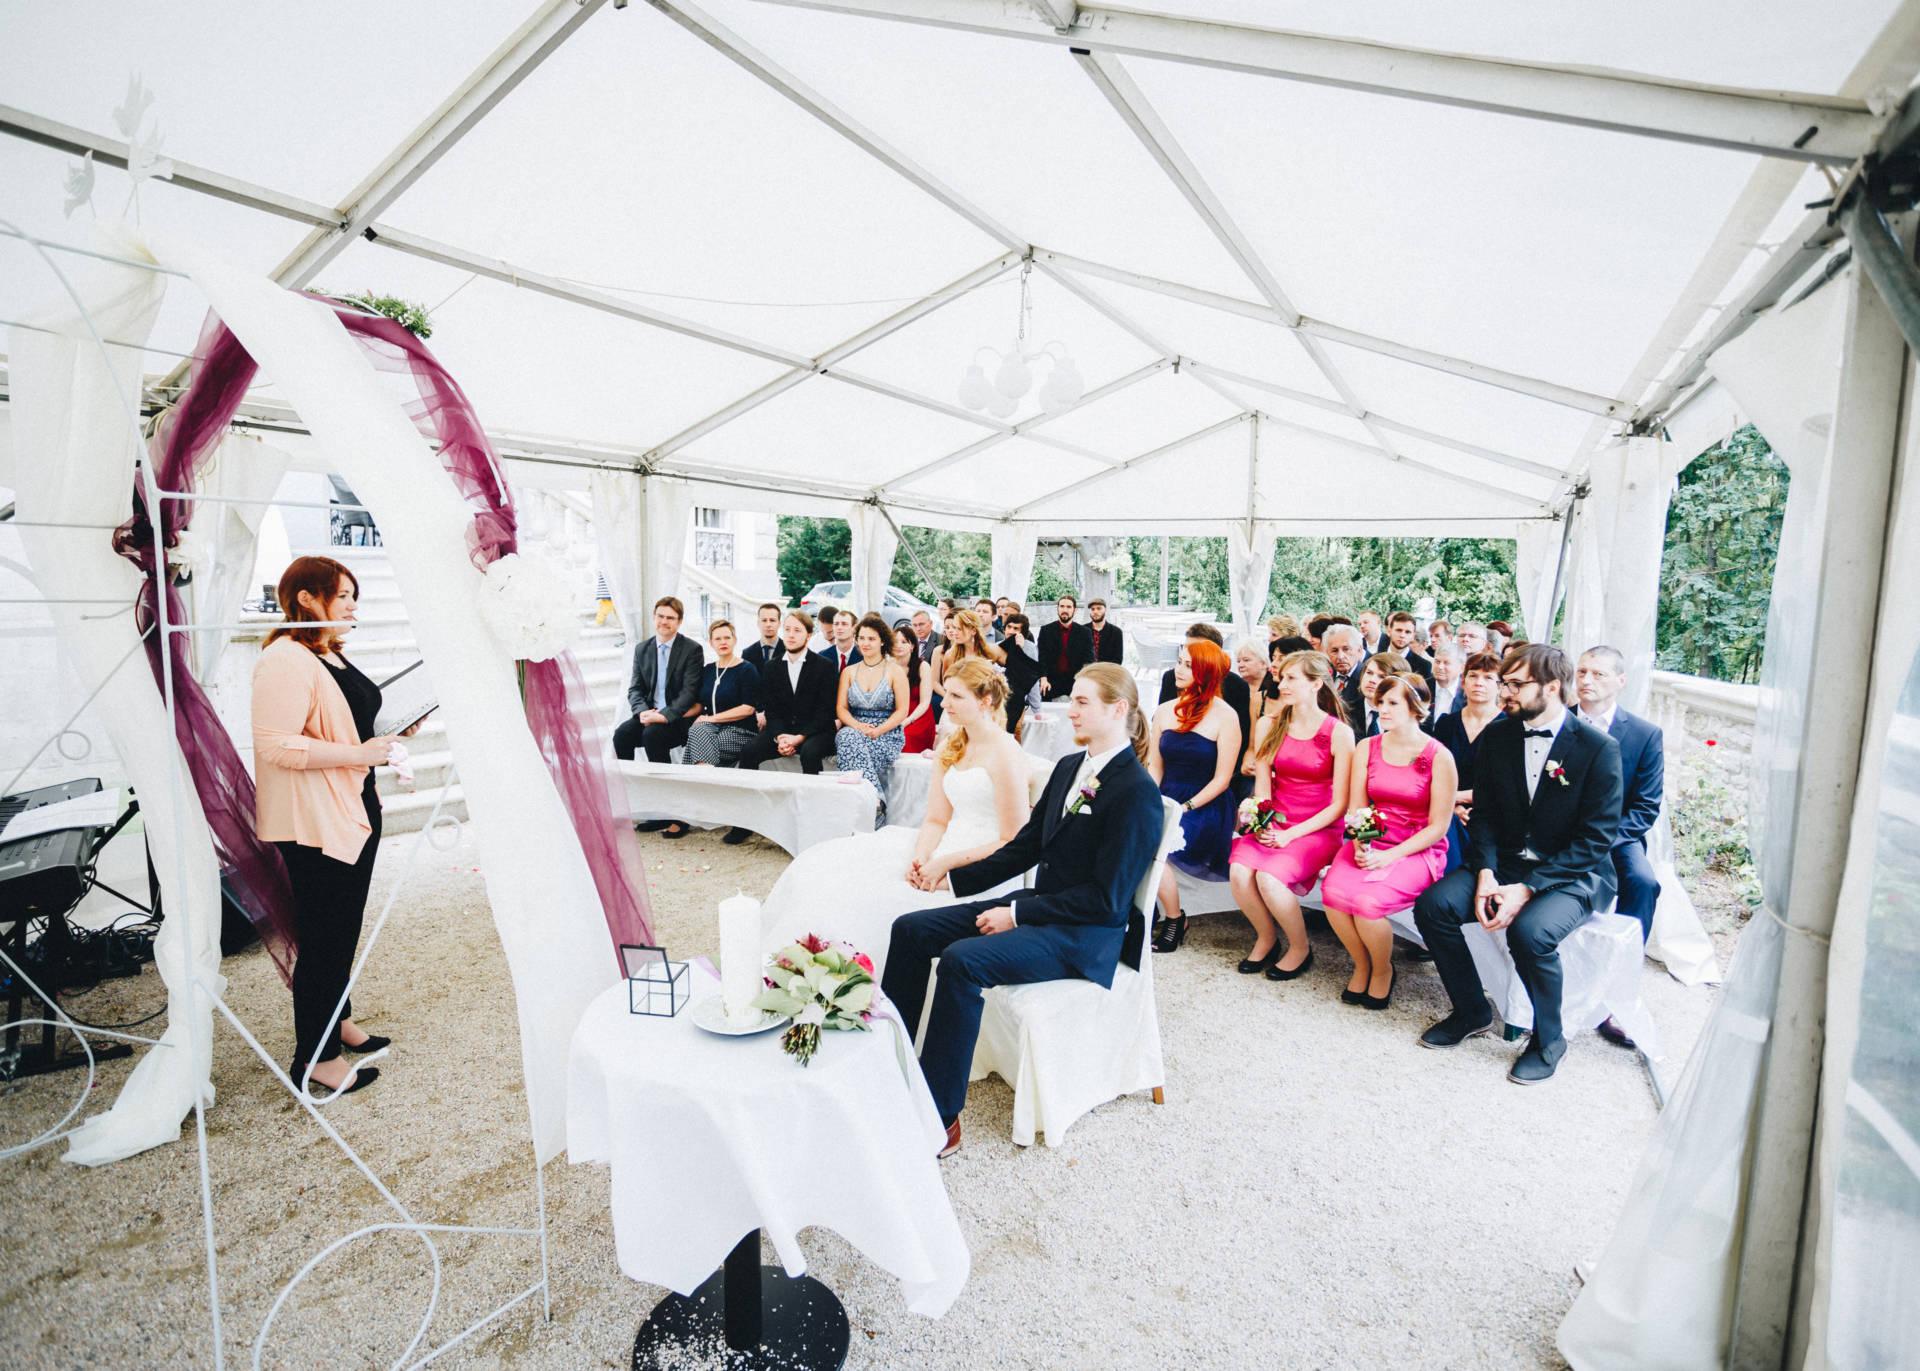 50mmfreunde Hochzeit Poesneck VillaAltenburg 08 - Freie Trauung in der Villa Altenburg